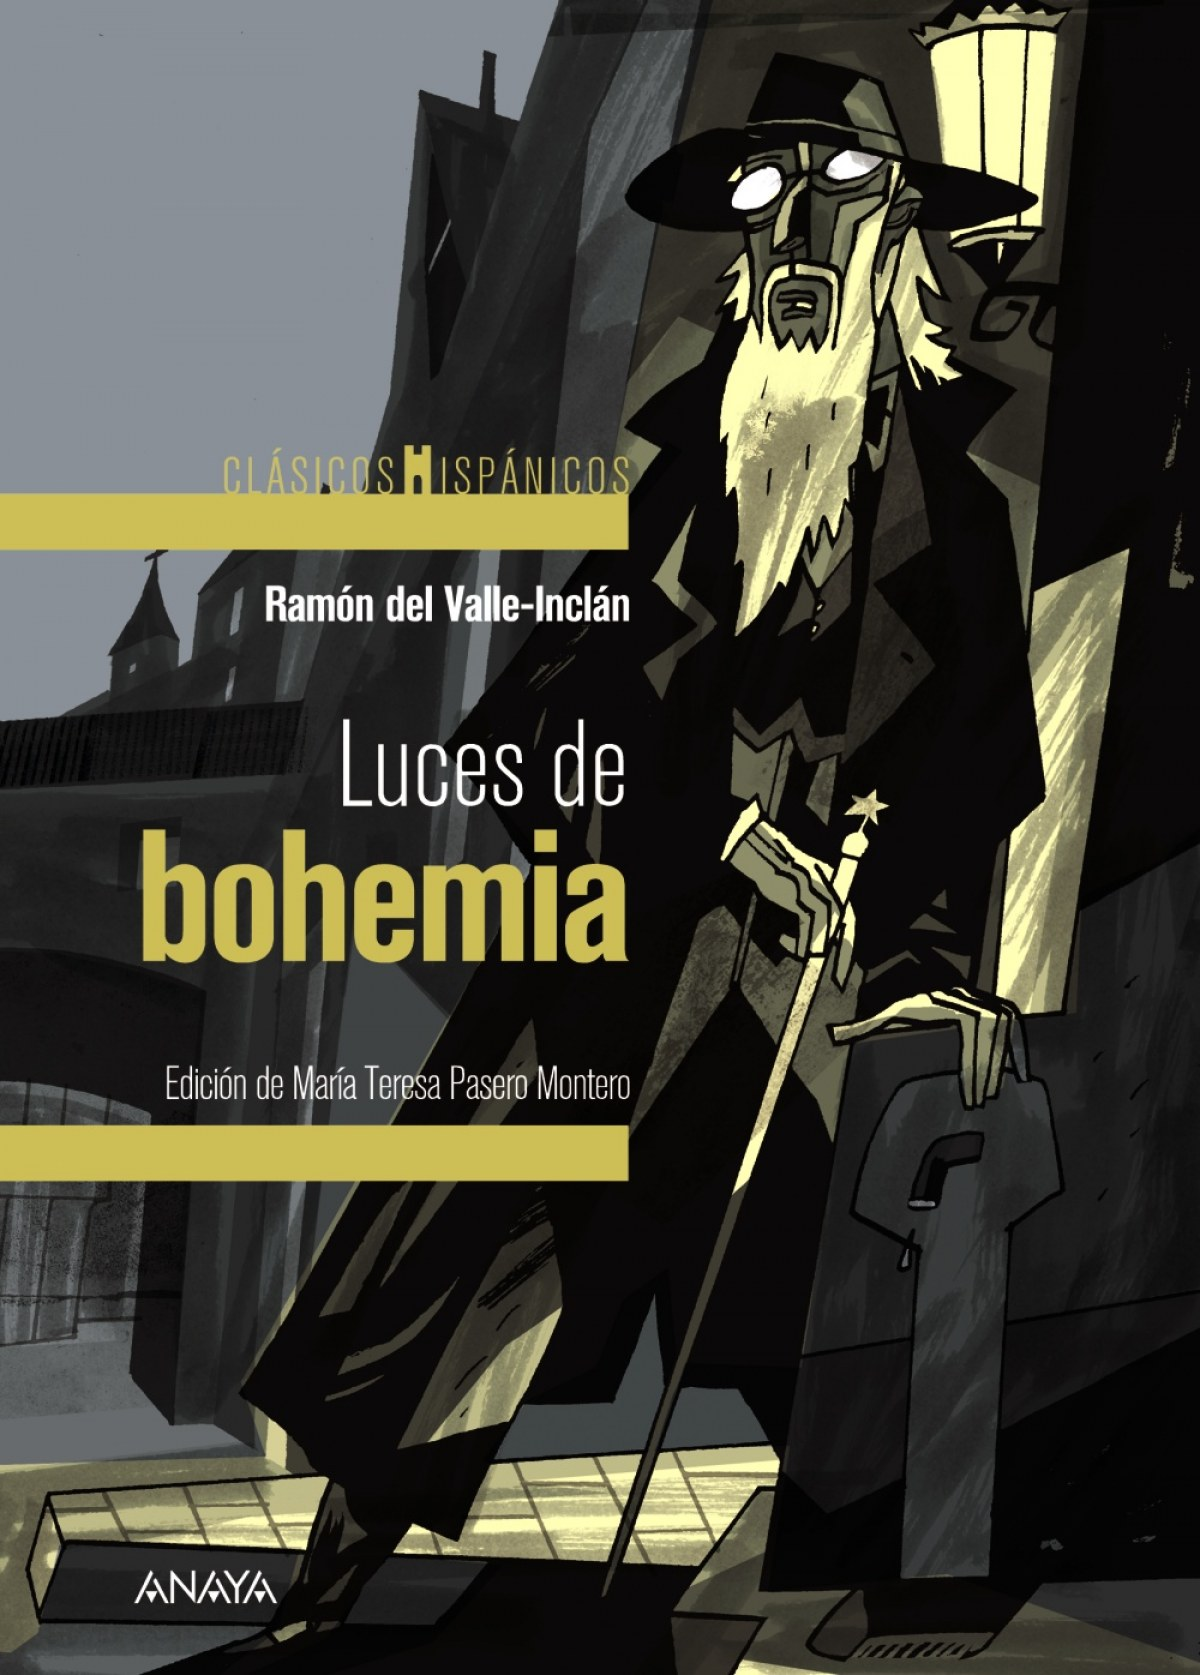 LUCES DE BOHEMIA 9788469833711